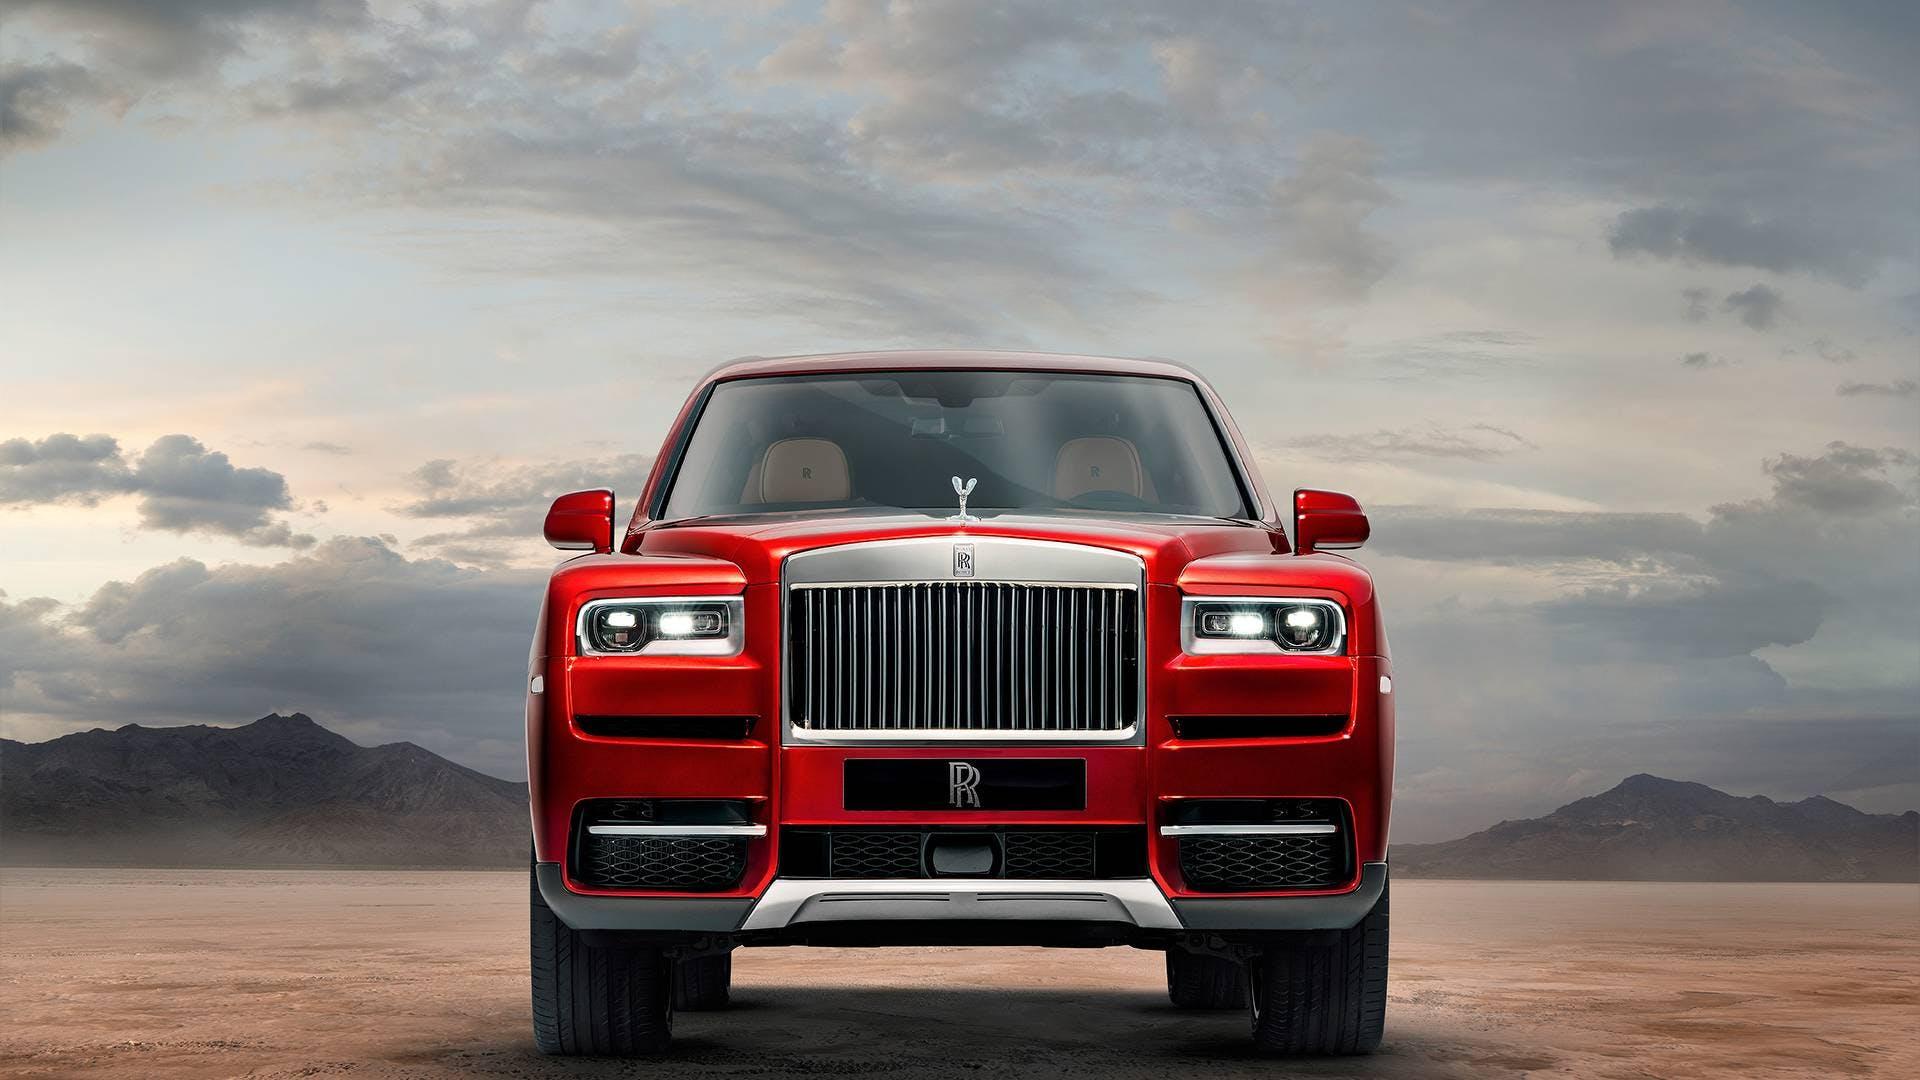 Rolls Royce Cullinan montagne frontale